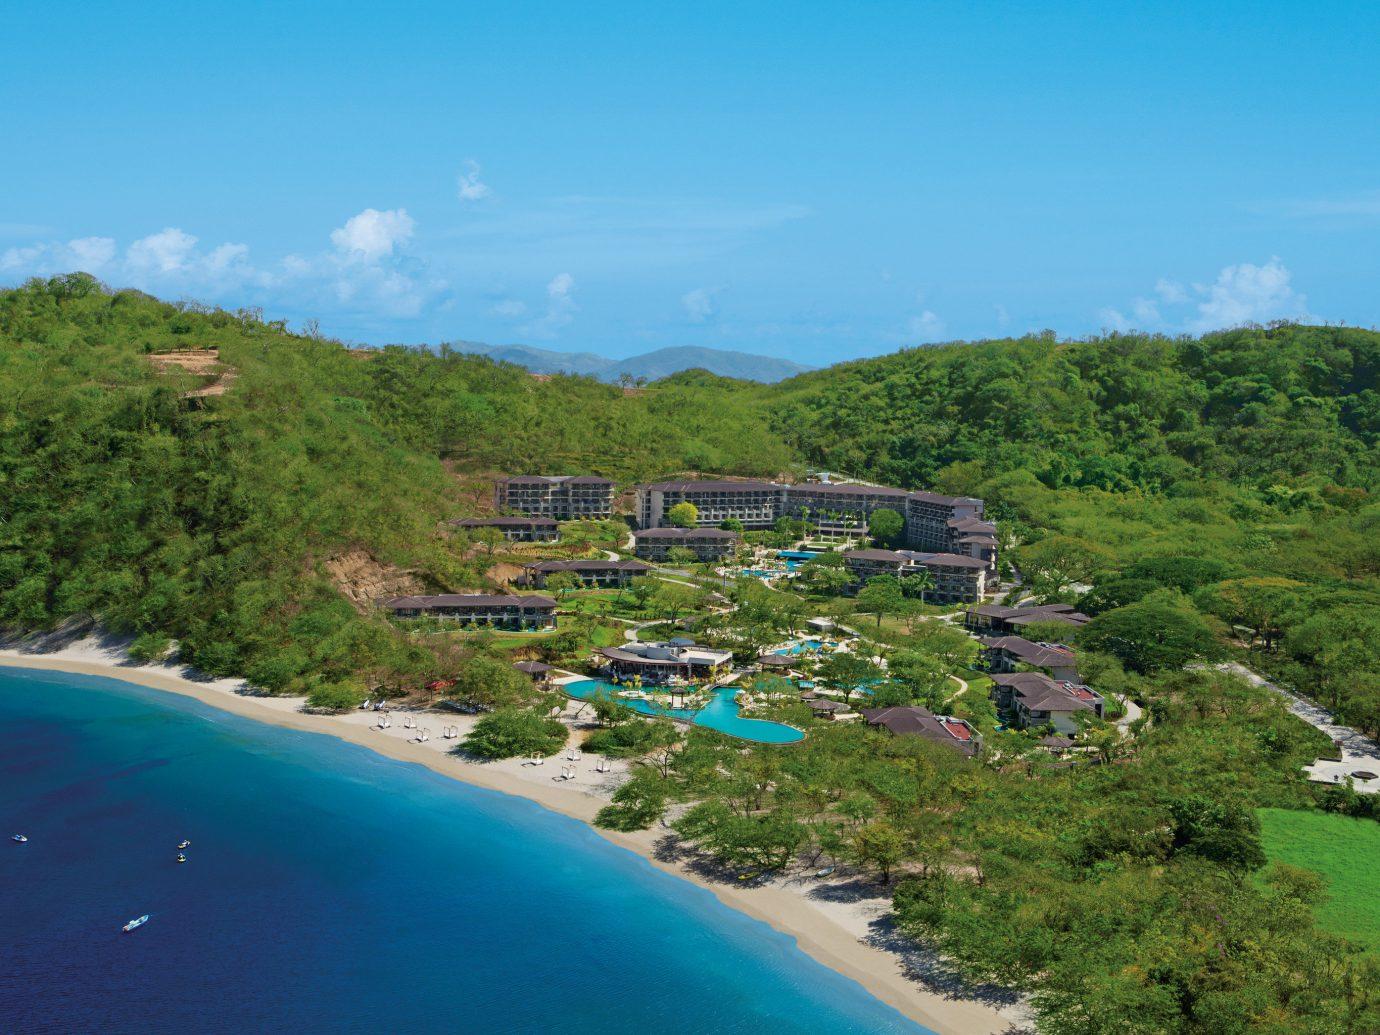 All Inclusive Dreams las Mareas Resort Aerial View